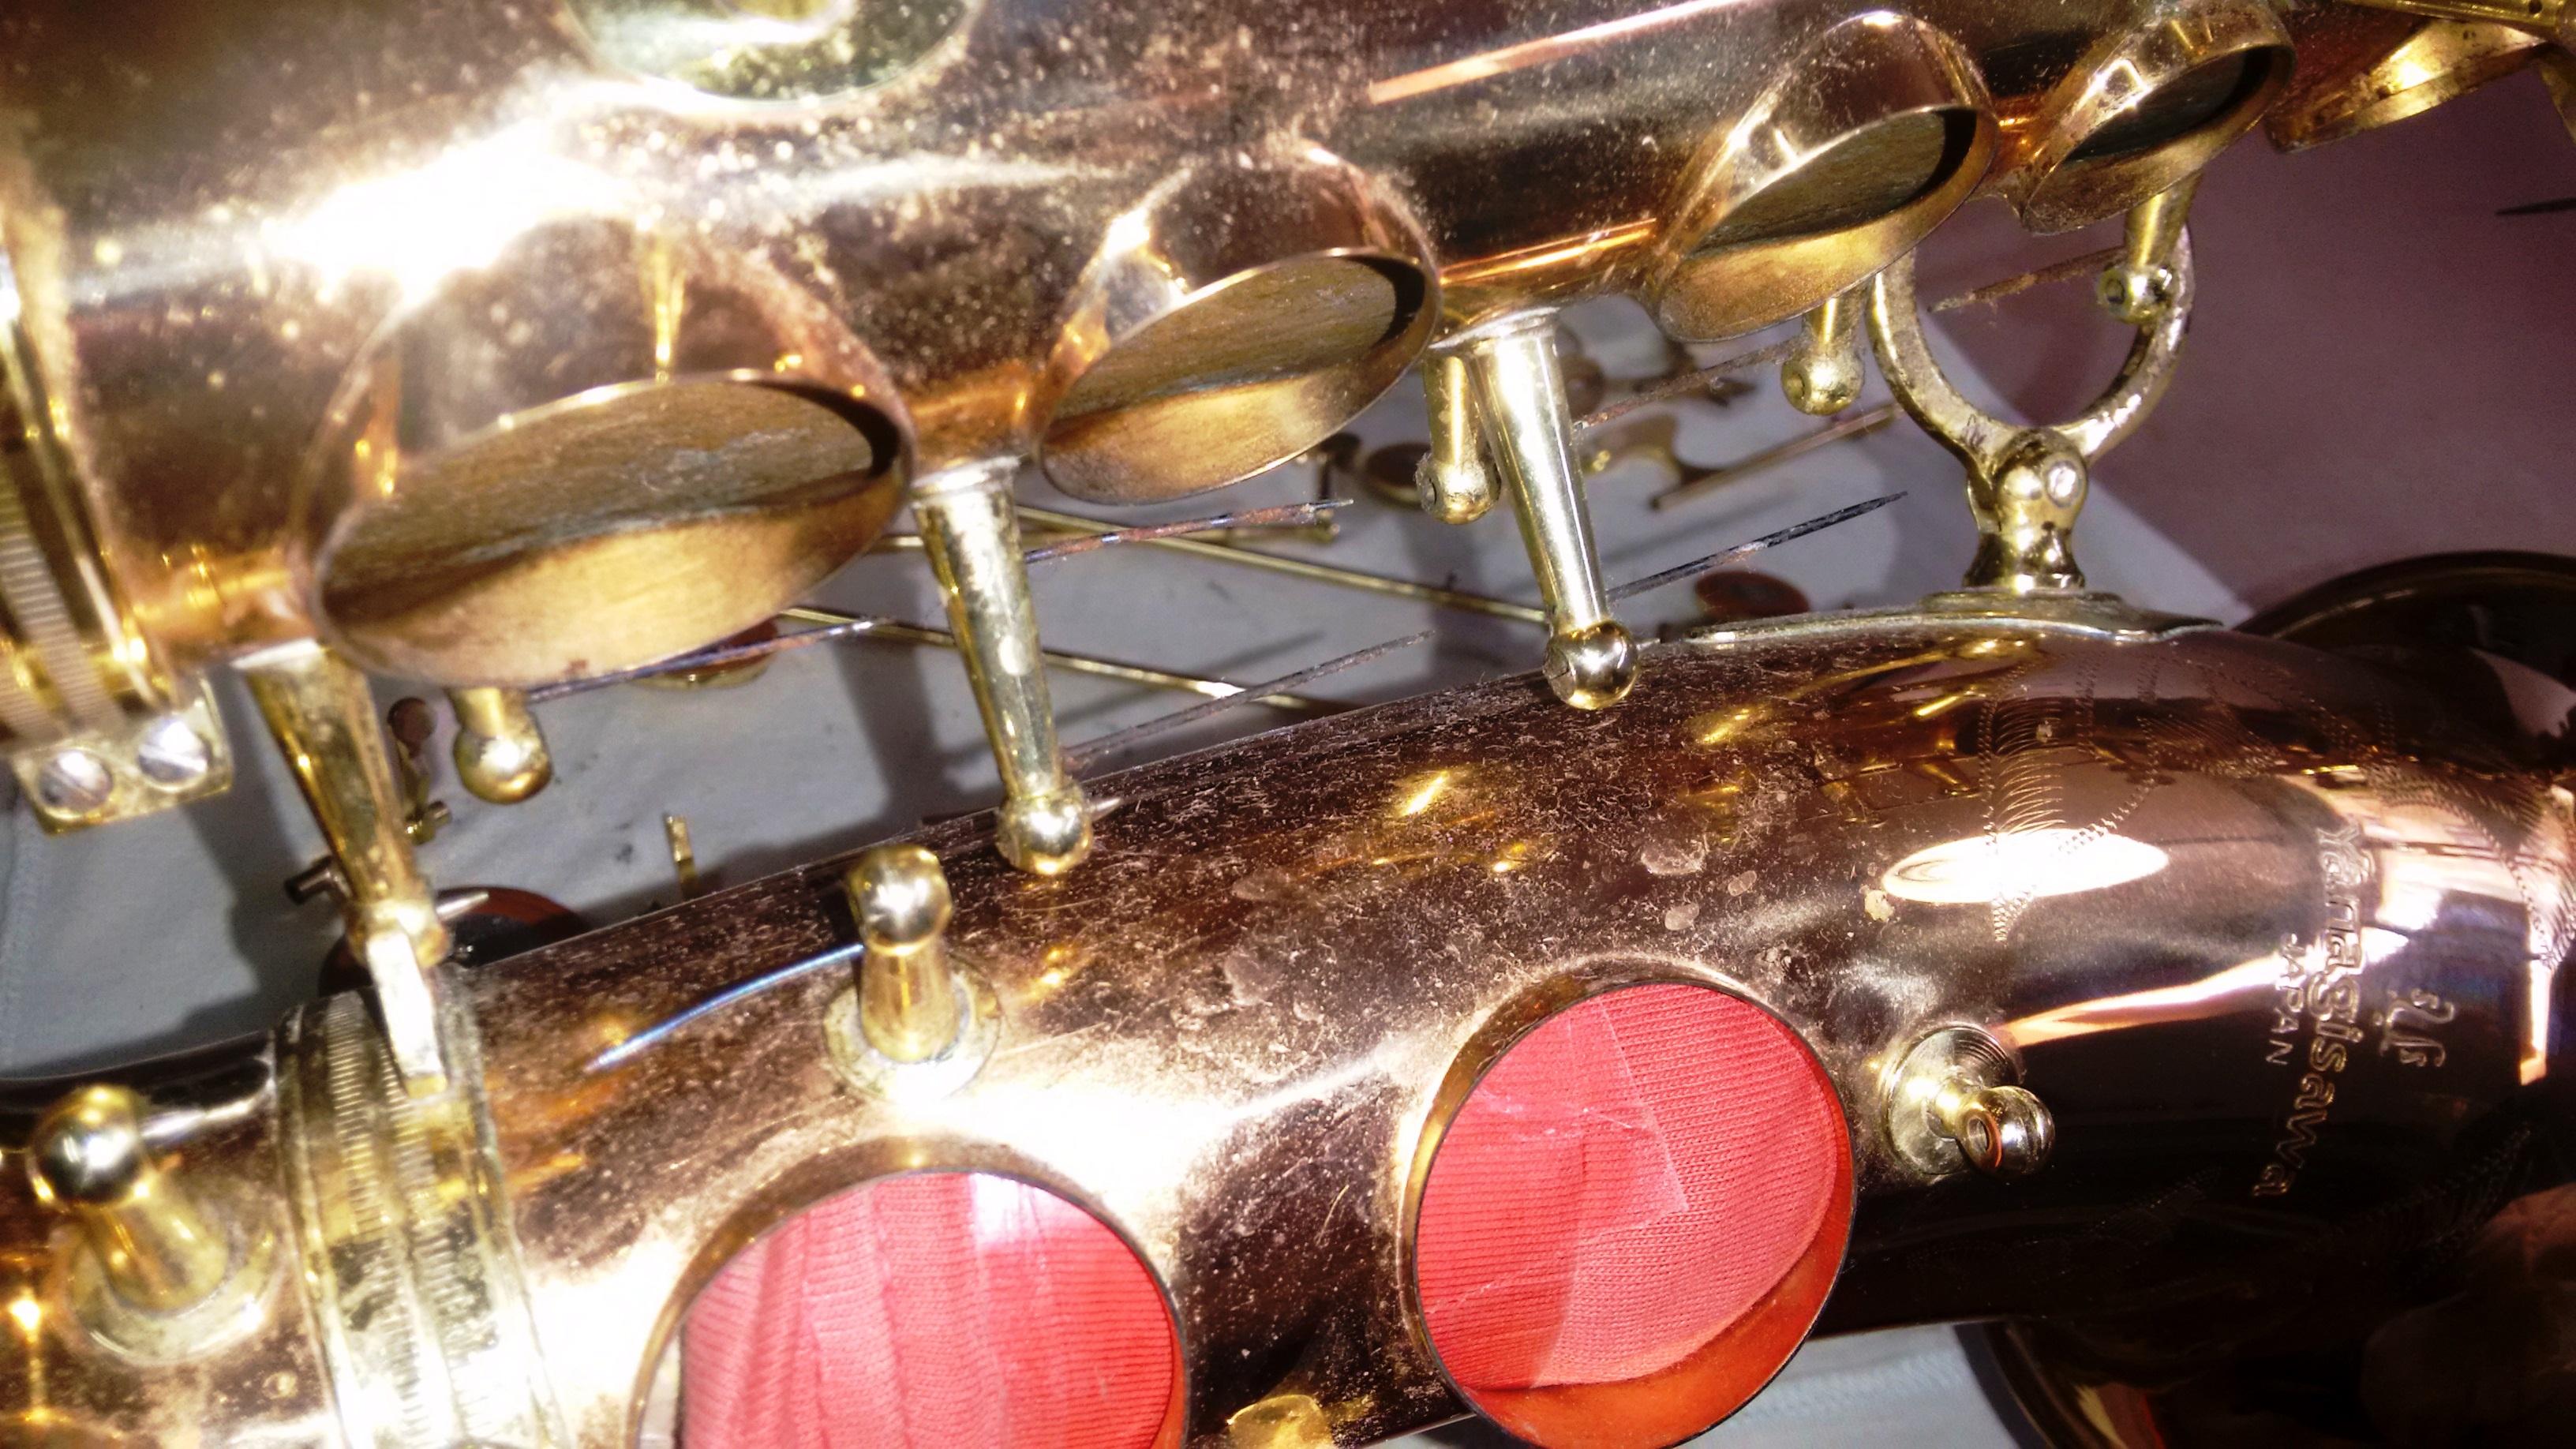 Después de desmontar todas las llaves podemos ver la suciedad acumulada en el cuerpo y los muelles oxidados